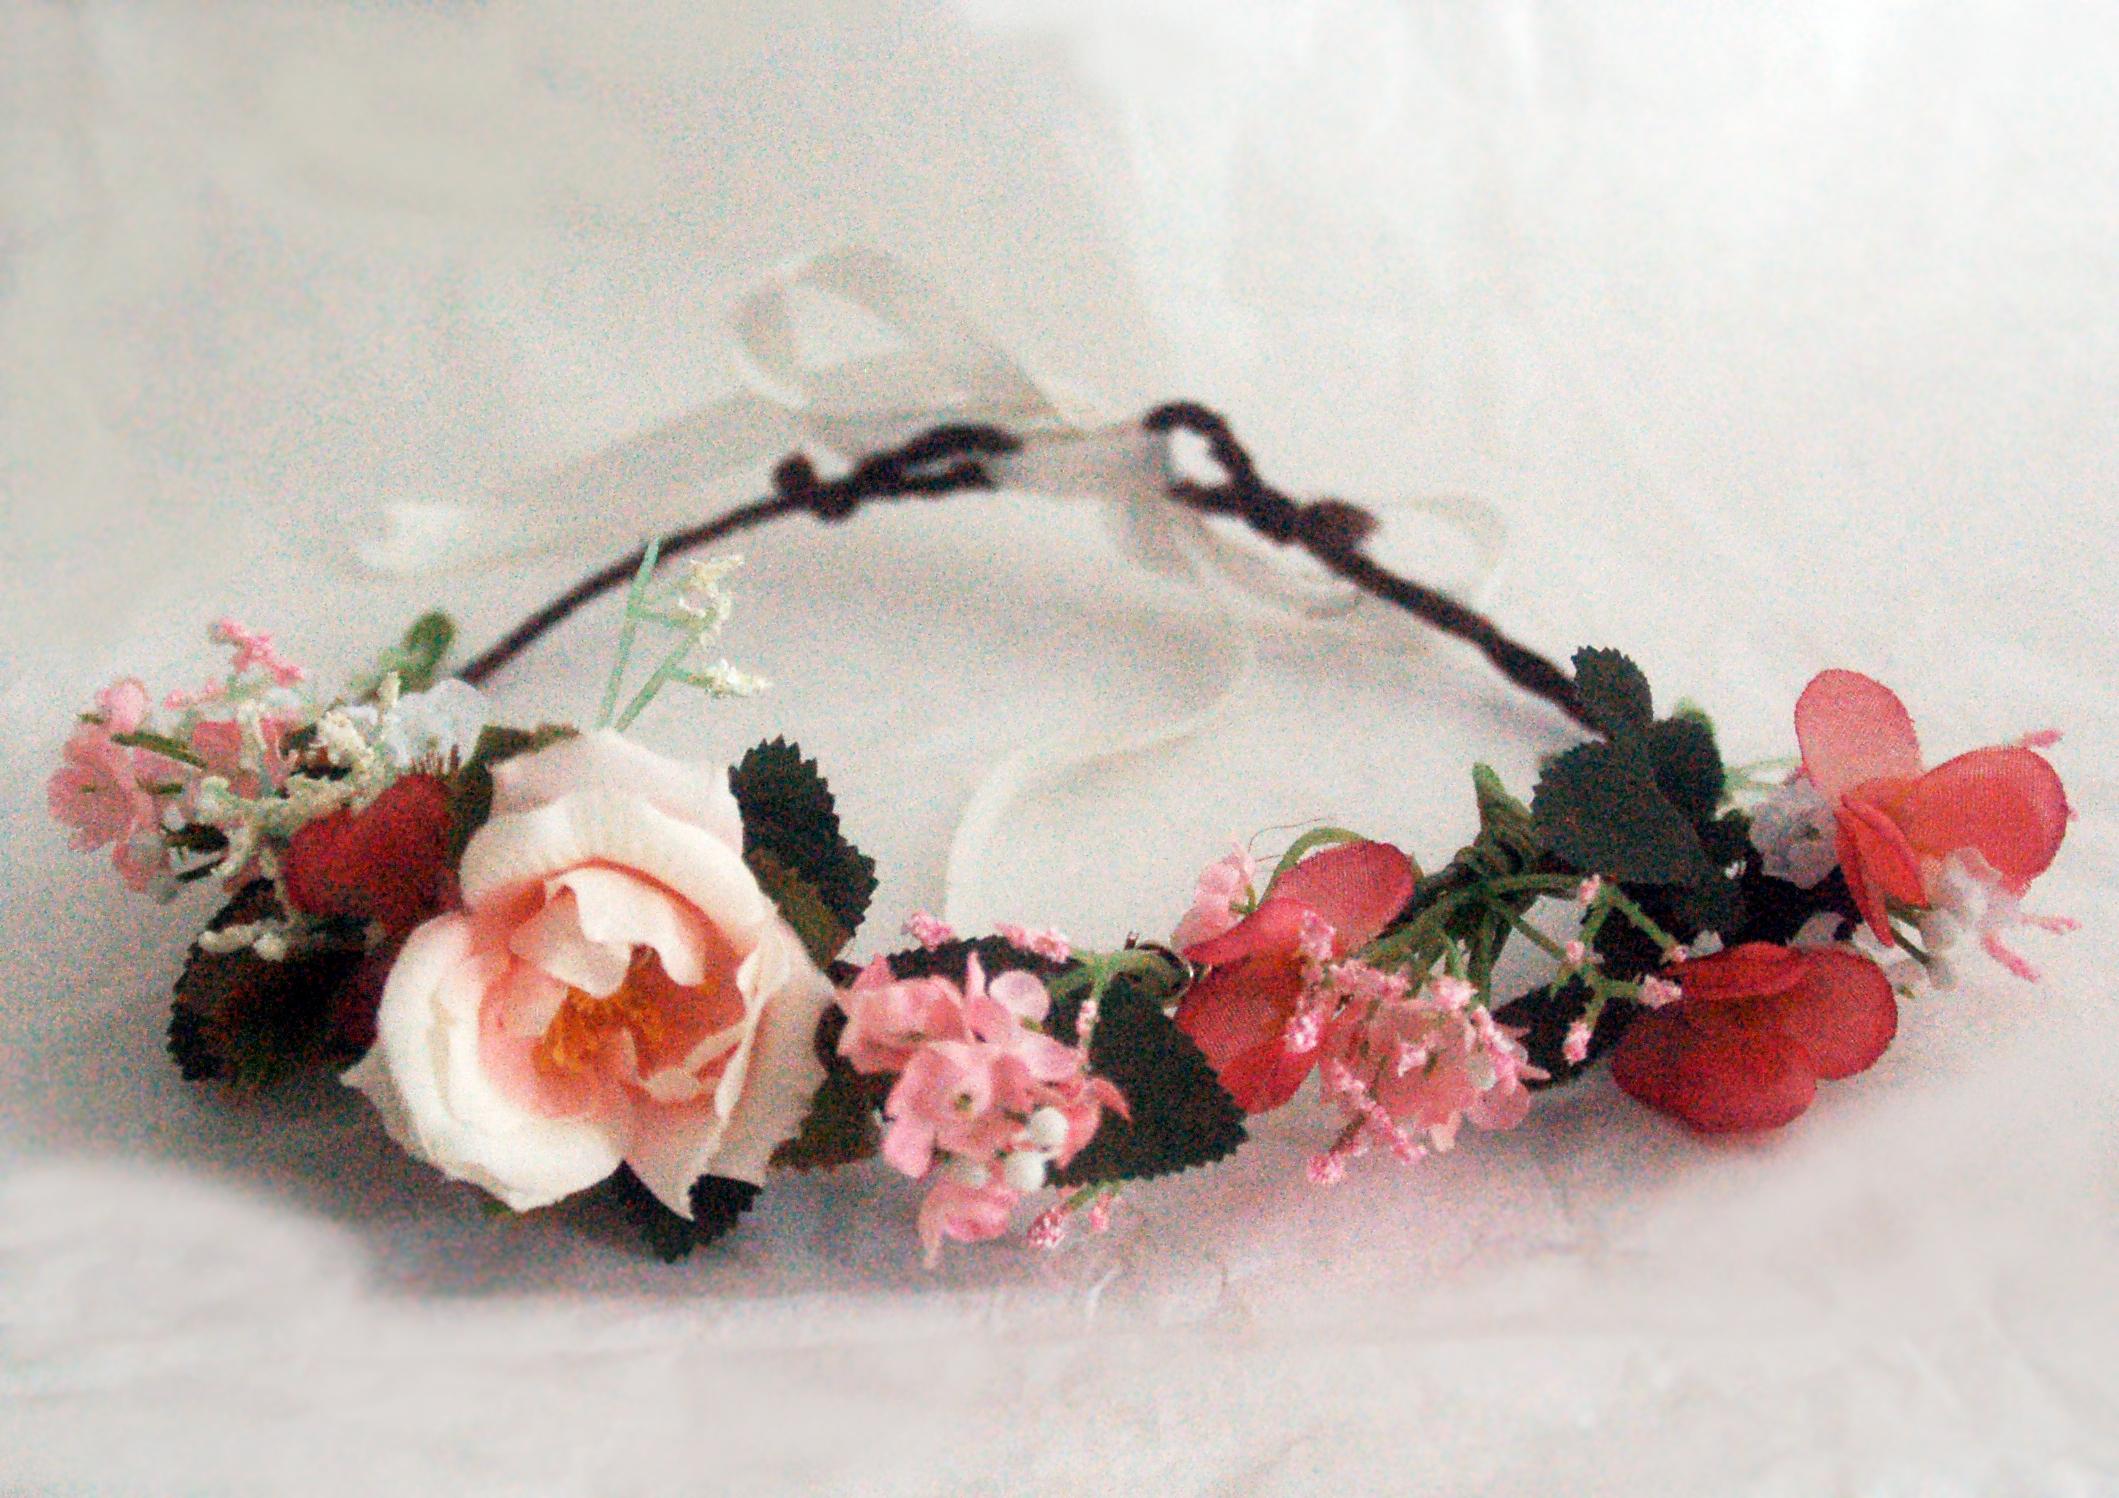 couronne de fleurs j t accessories rose verte pour mariage c r monie demoiselle d 39 honneur. Black Bedroom Furniture Sets. Home Design Ideas